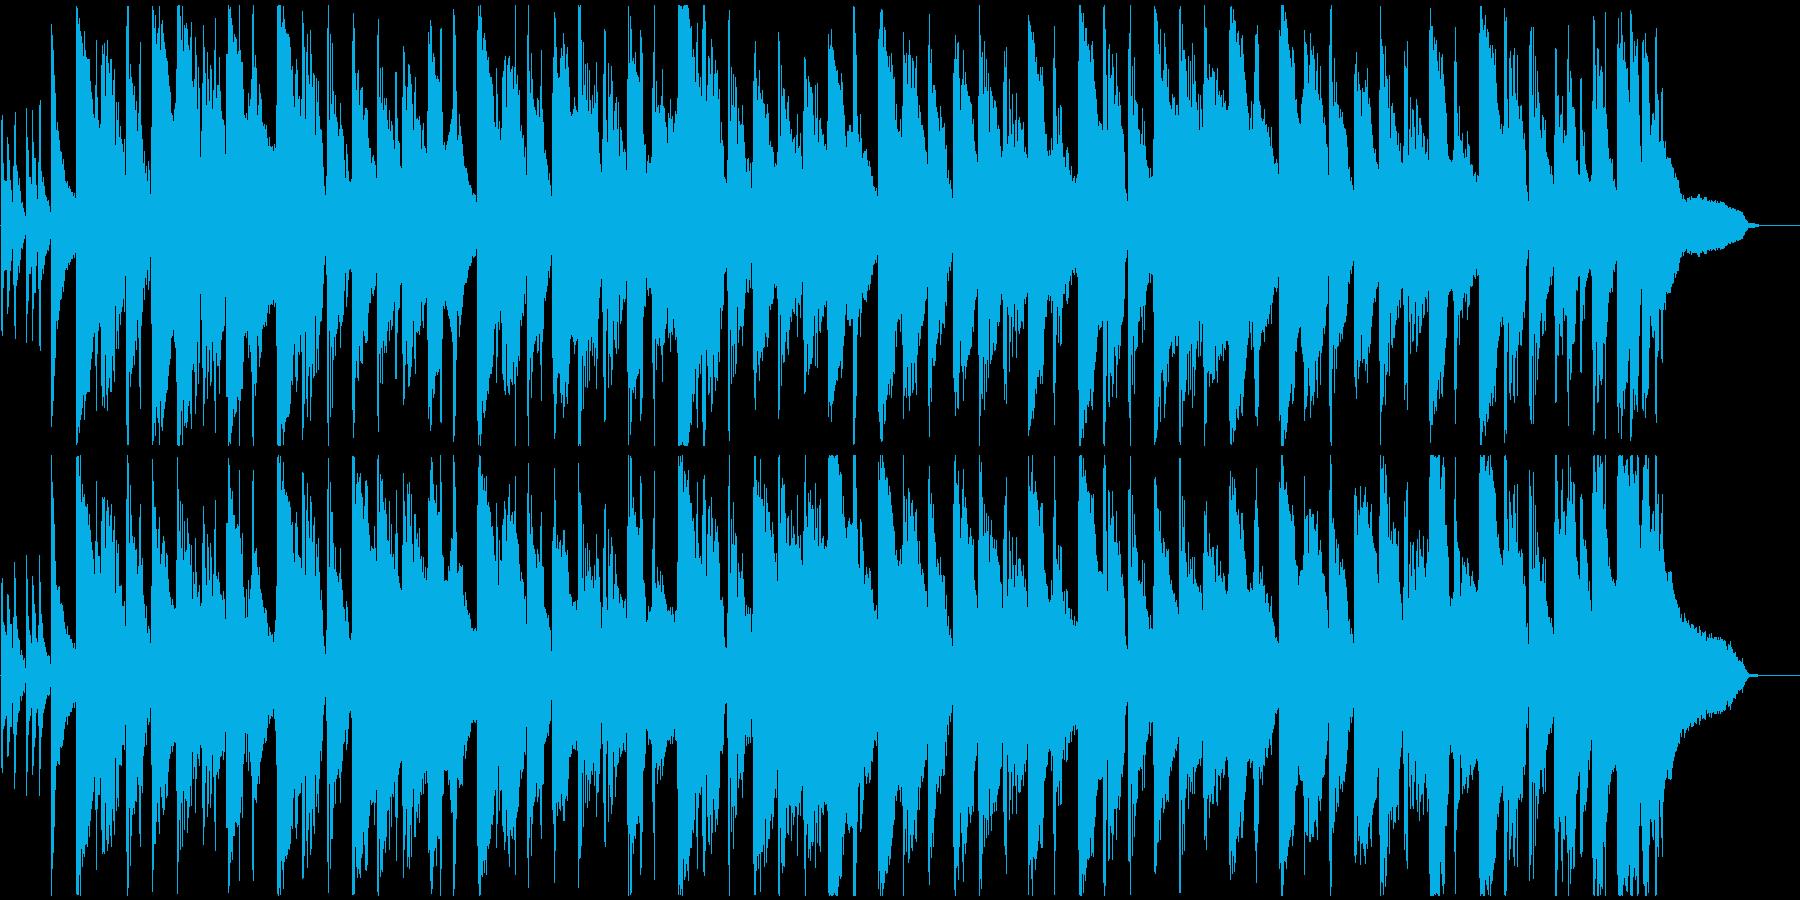 ほのぼのとしたカントリー風ジングル2の再生済みの波形